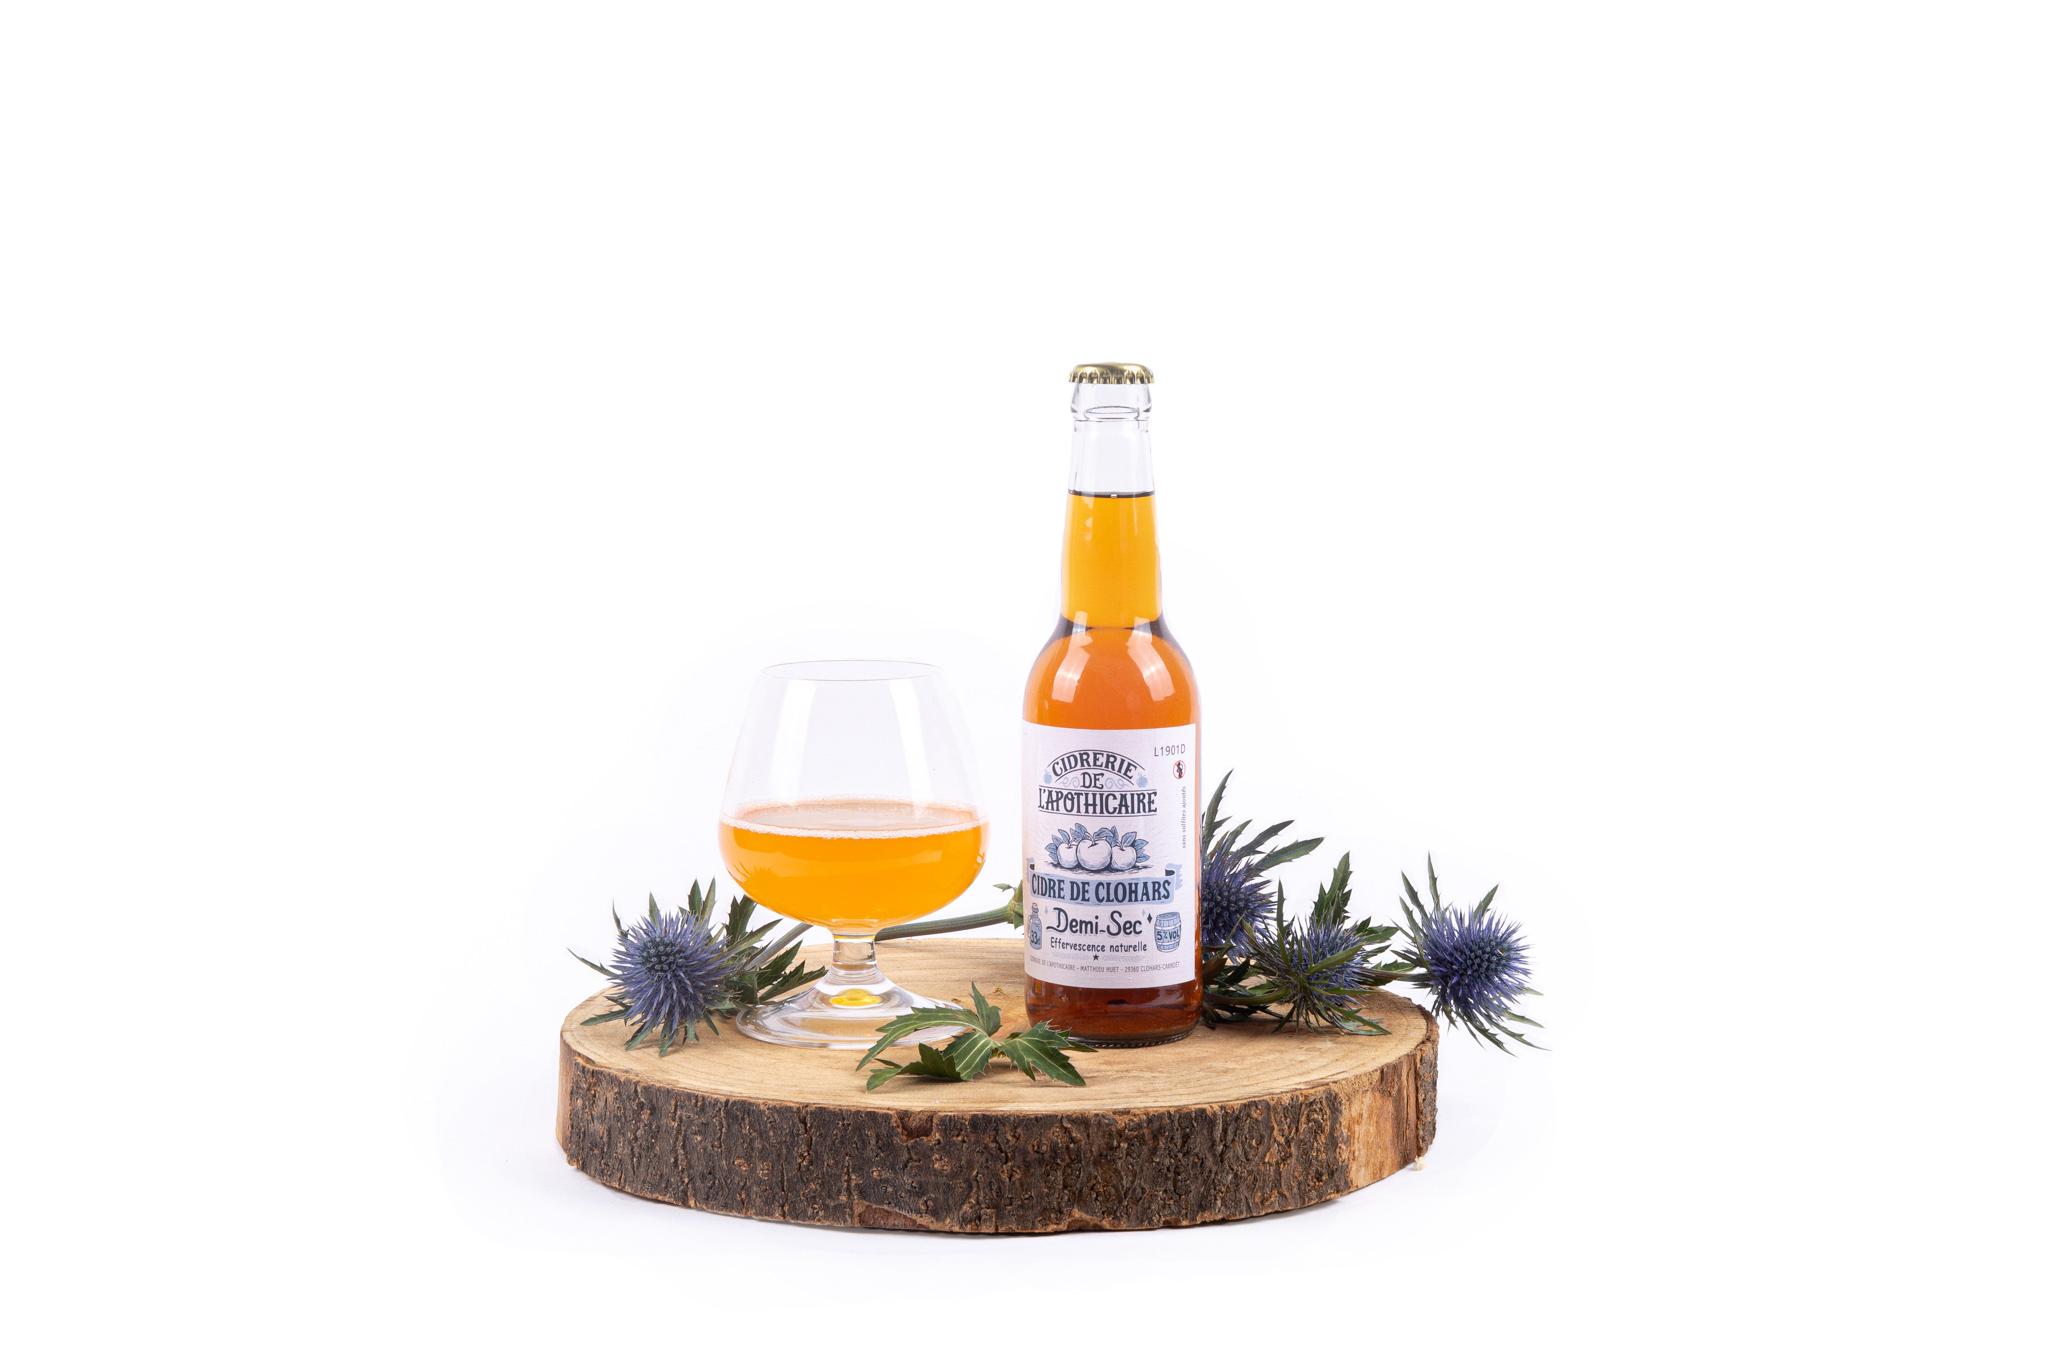 L'Apothicaire cidre artisanal